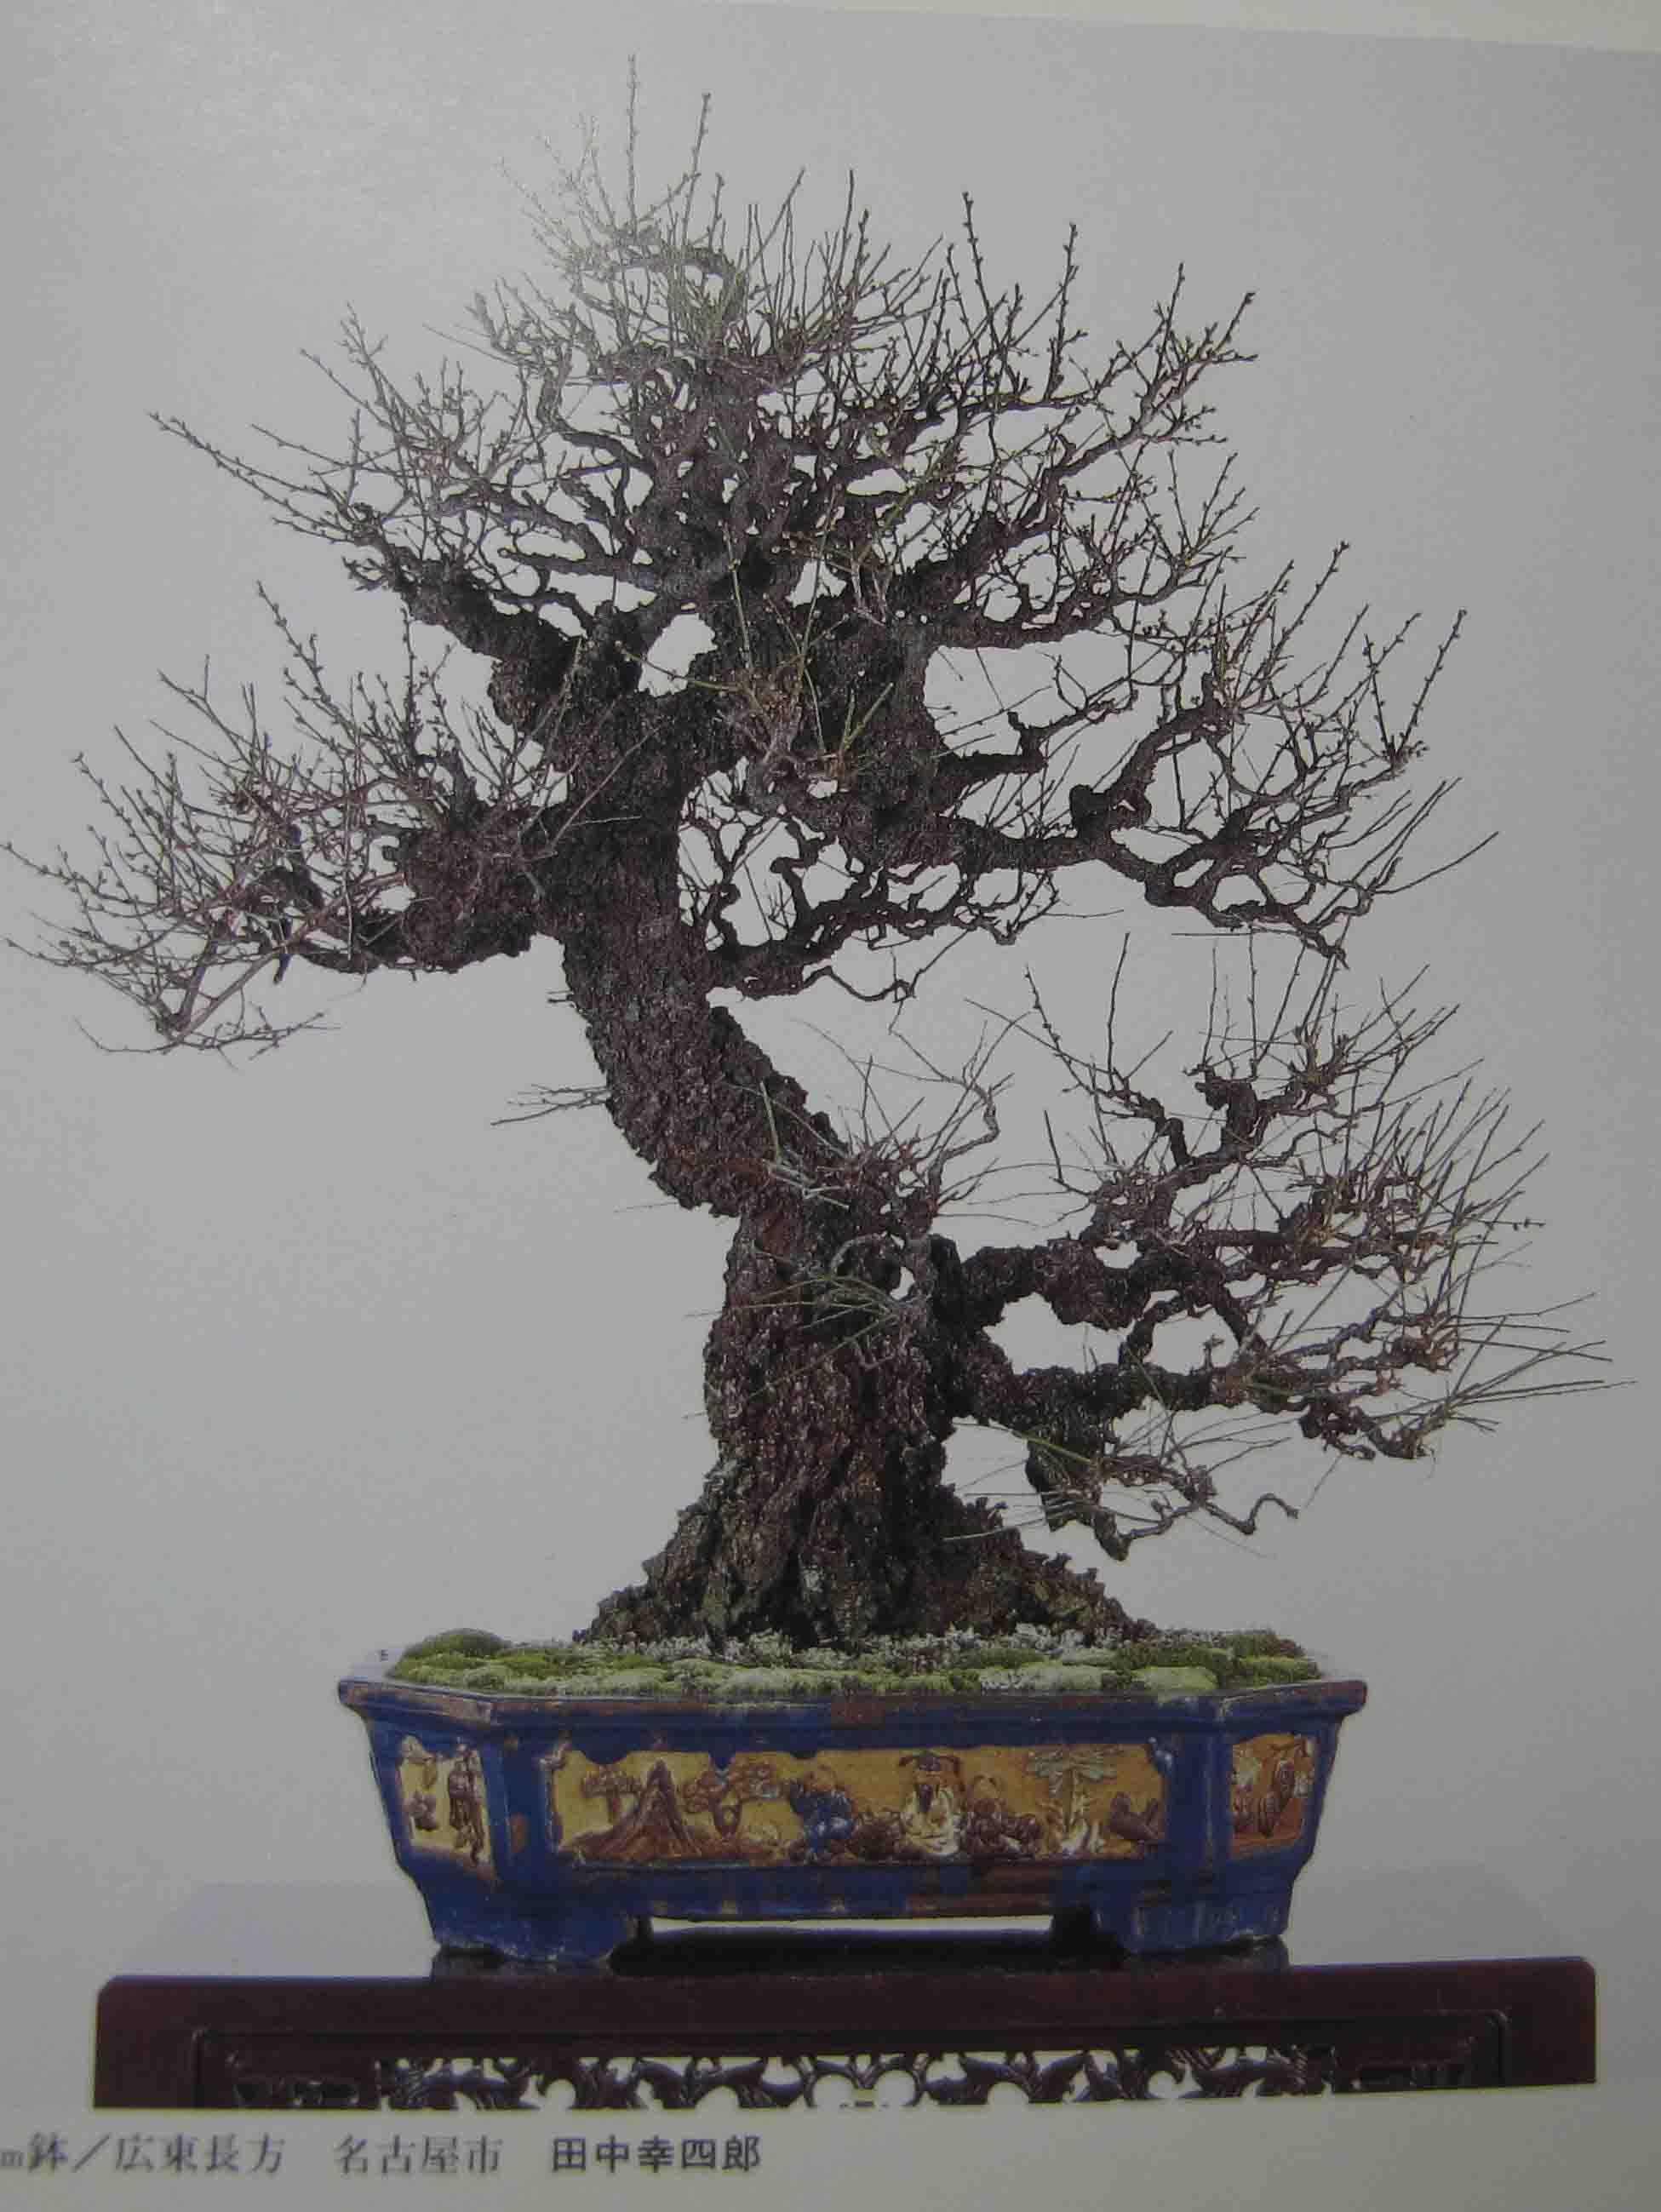 1000 images about bonsai deciduous on pinterest Flowering Plum Bonsai Deciduous Trees